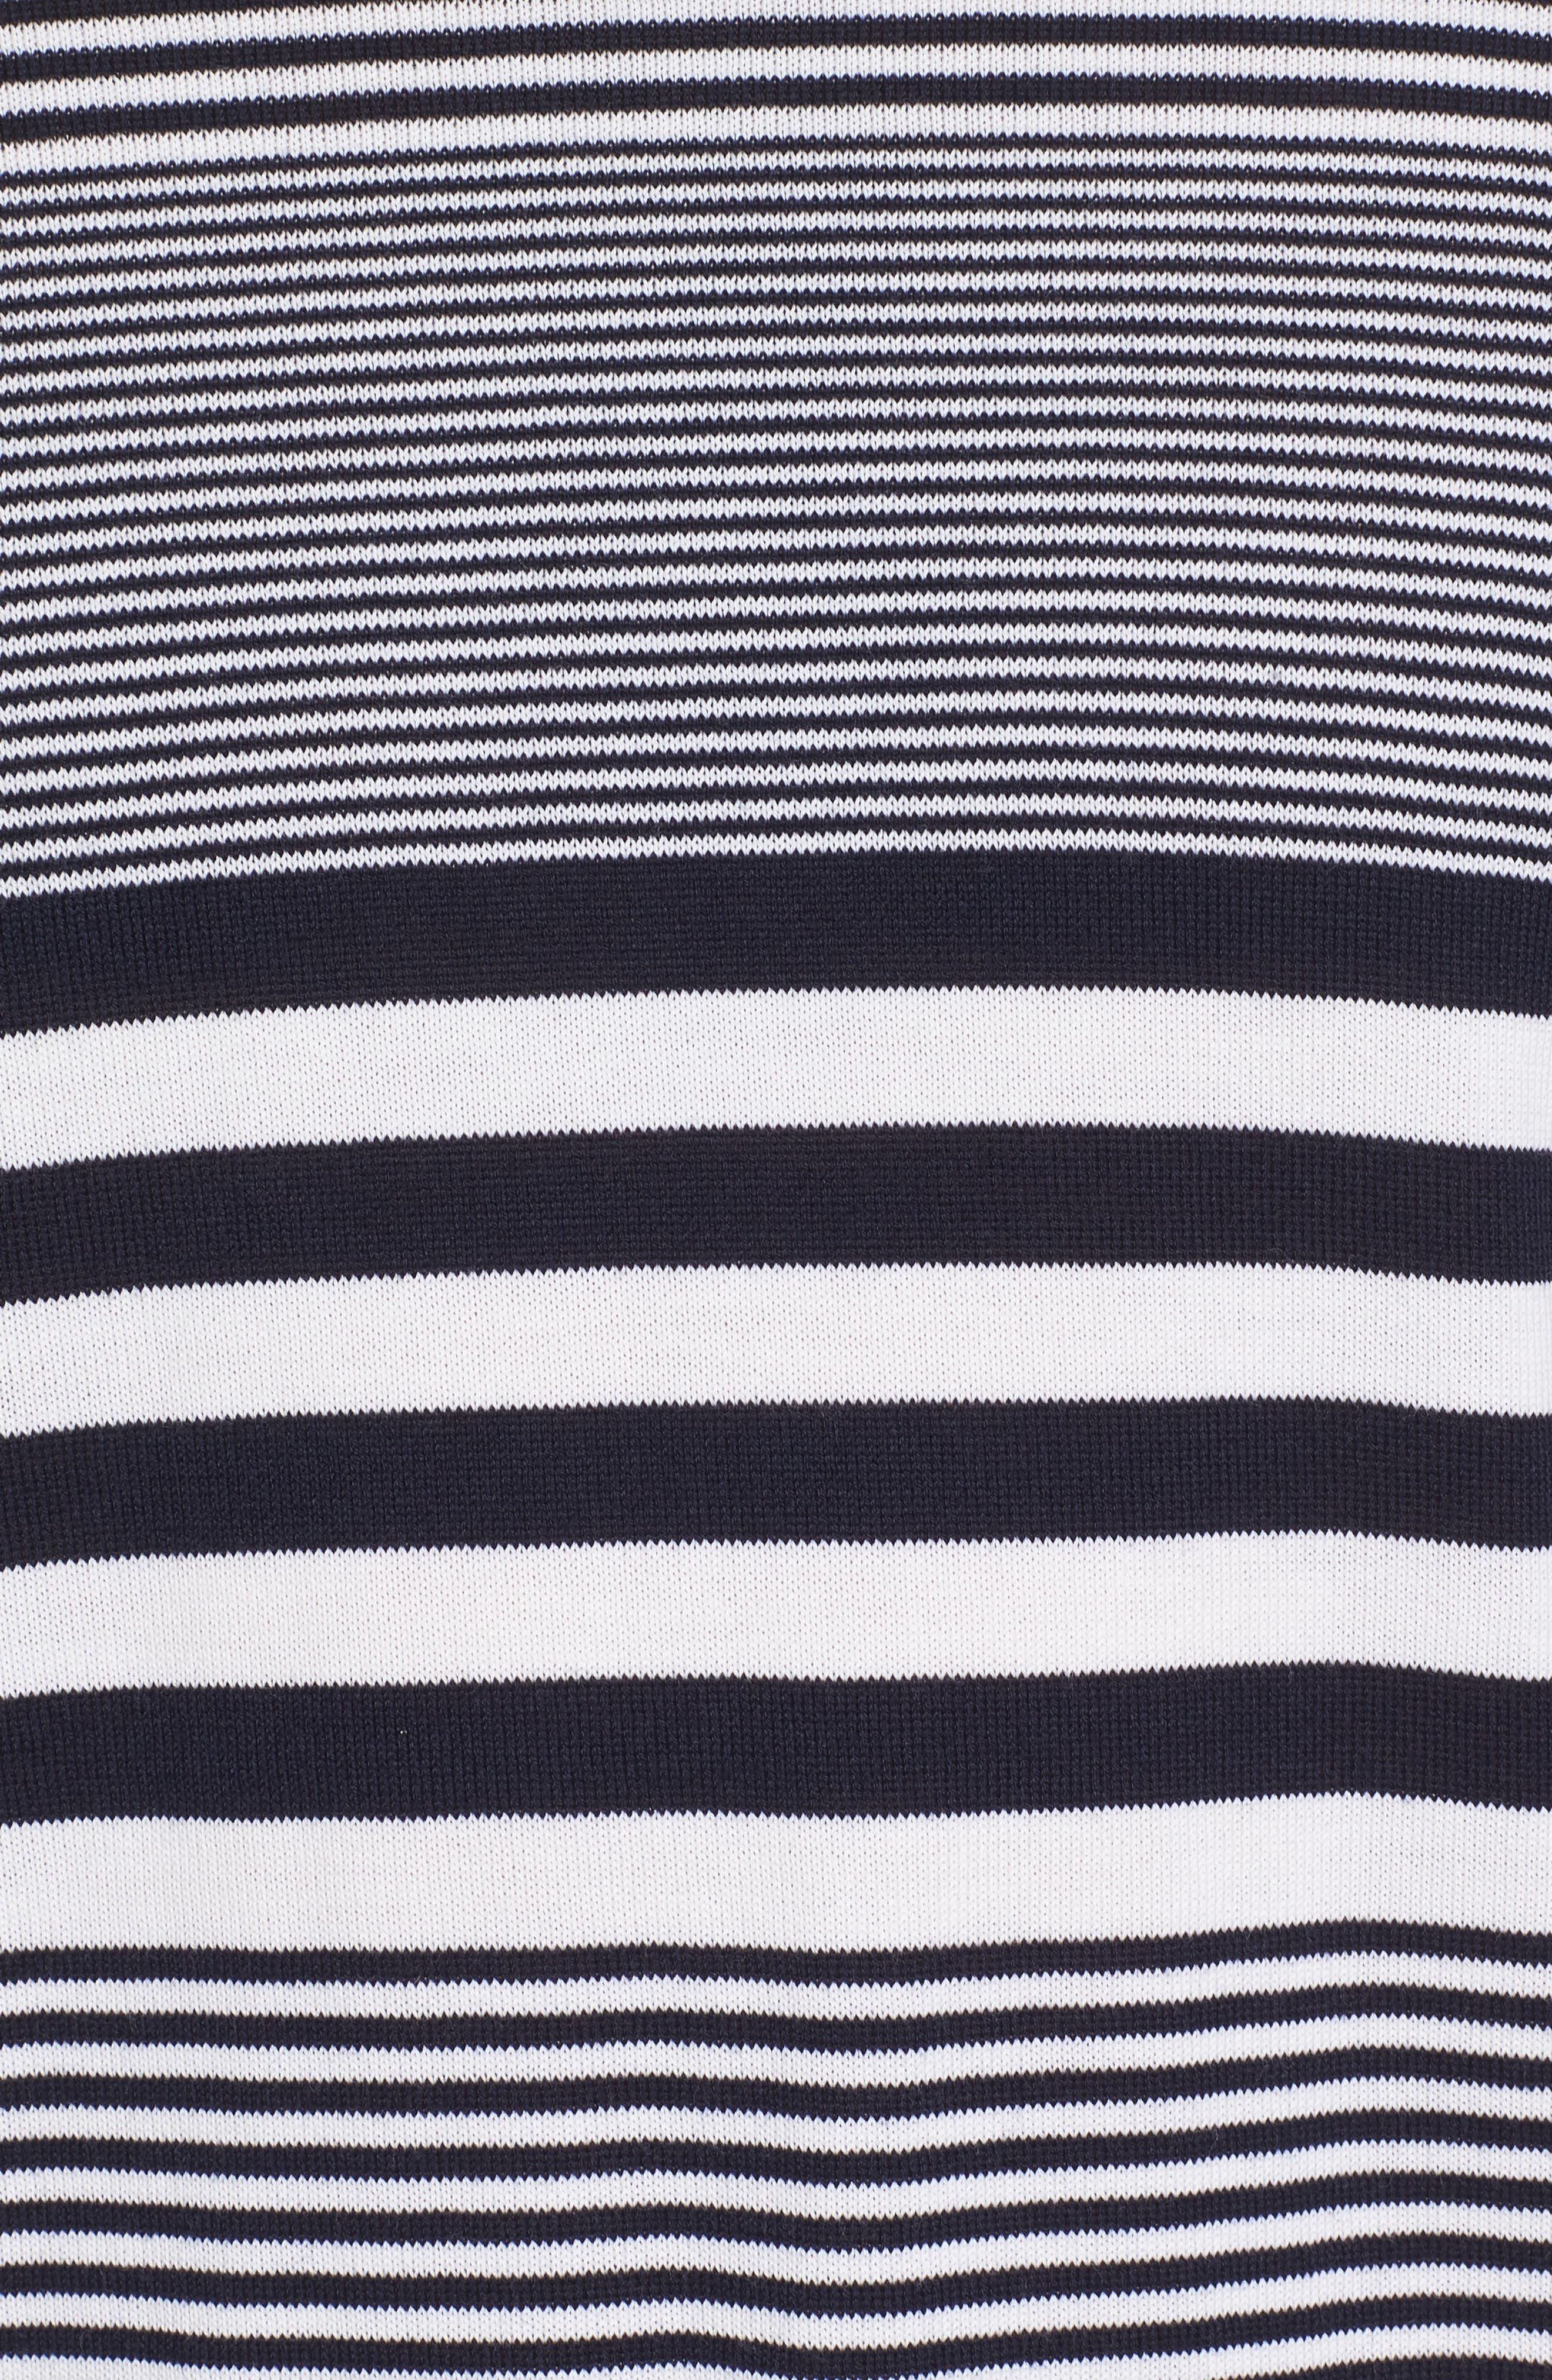 Paul&Shark Stripe Wool Sweater,                             Alternate thumbnail 5, color,                             Navy/ White